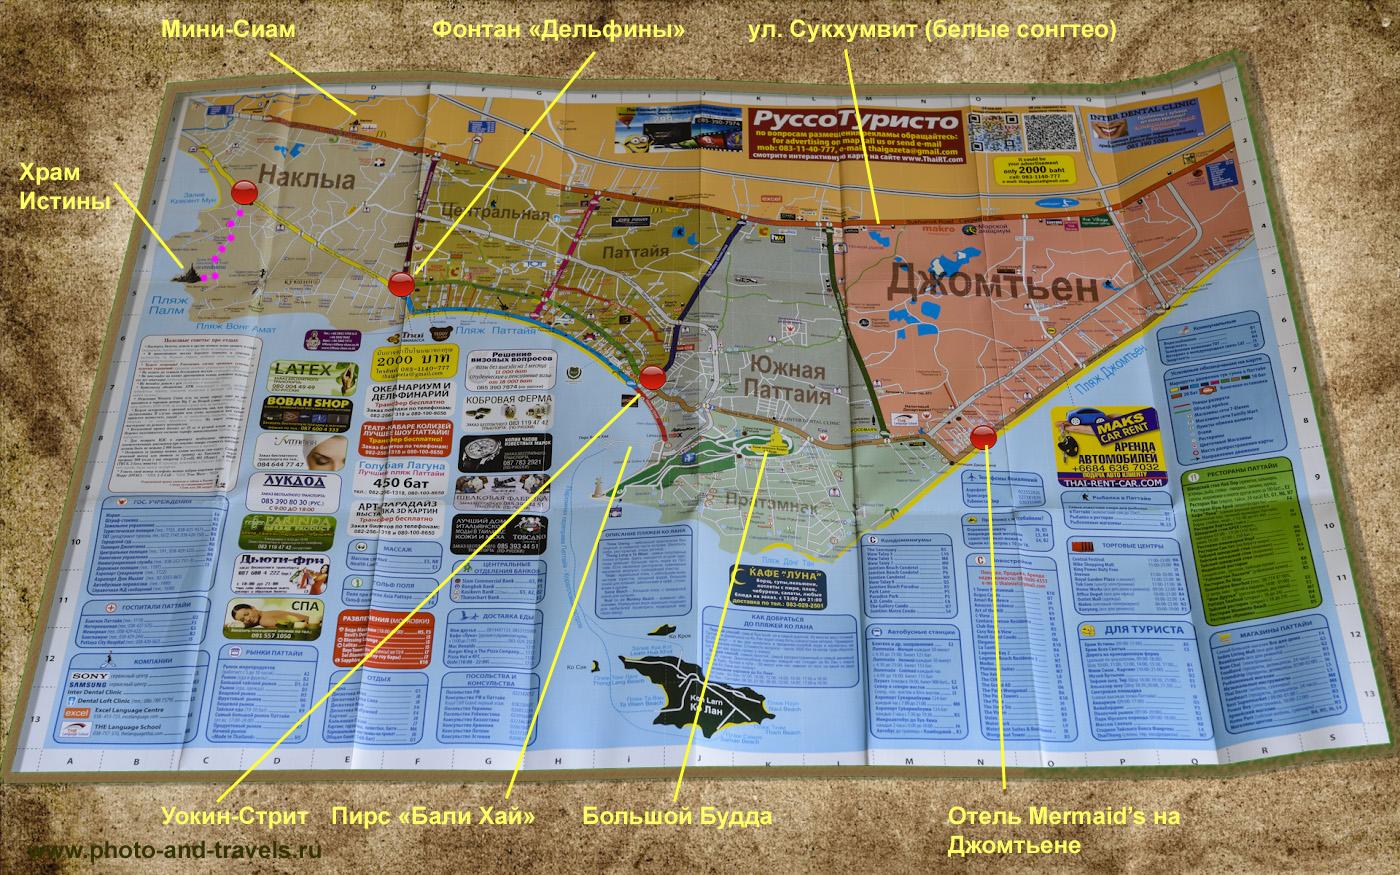 3. Карта со схемой, как добраться до Храма Истины в Паттайе самостоятельно.